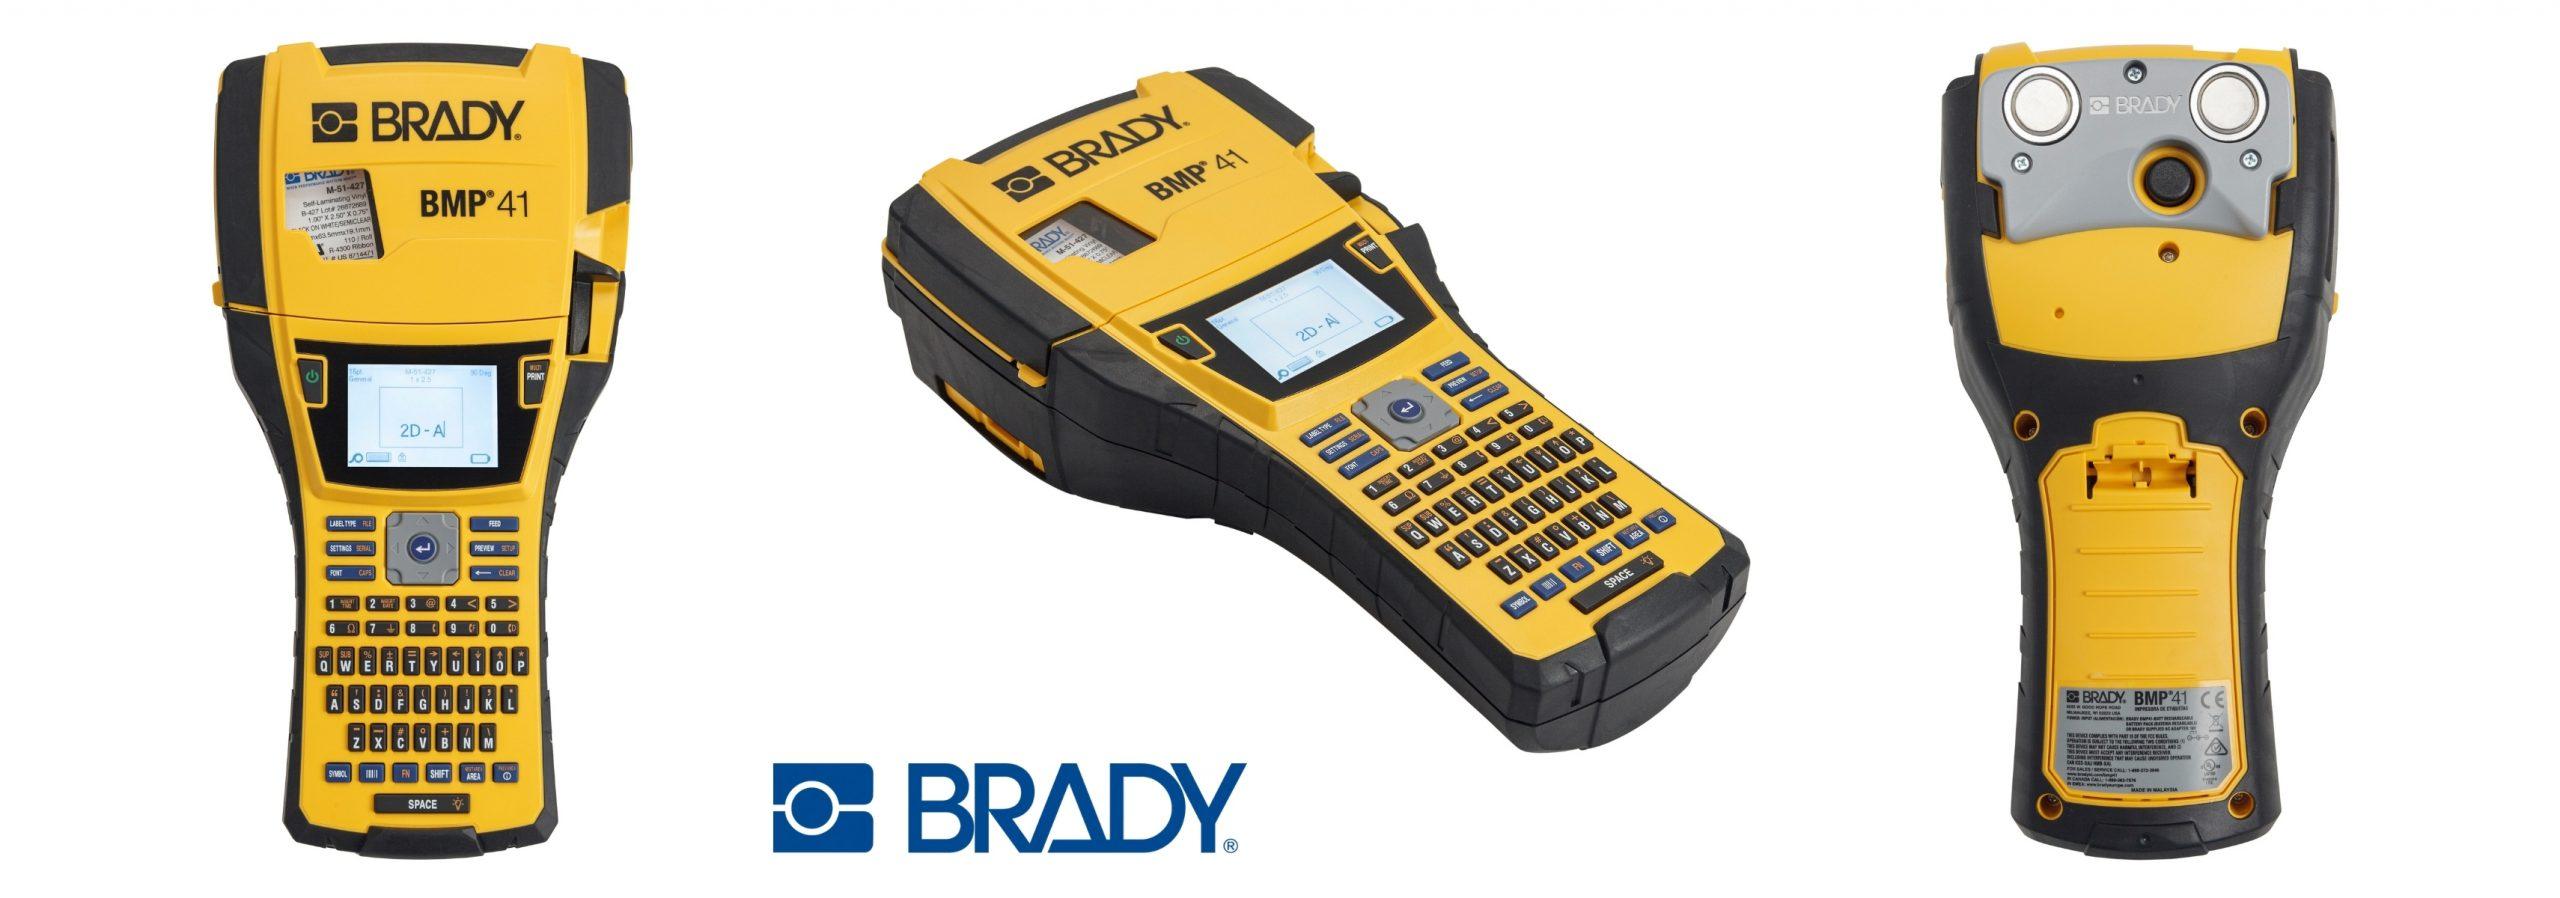 Brady_BMP41